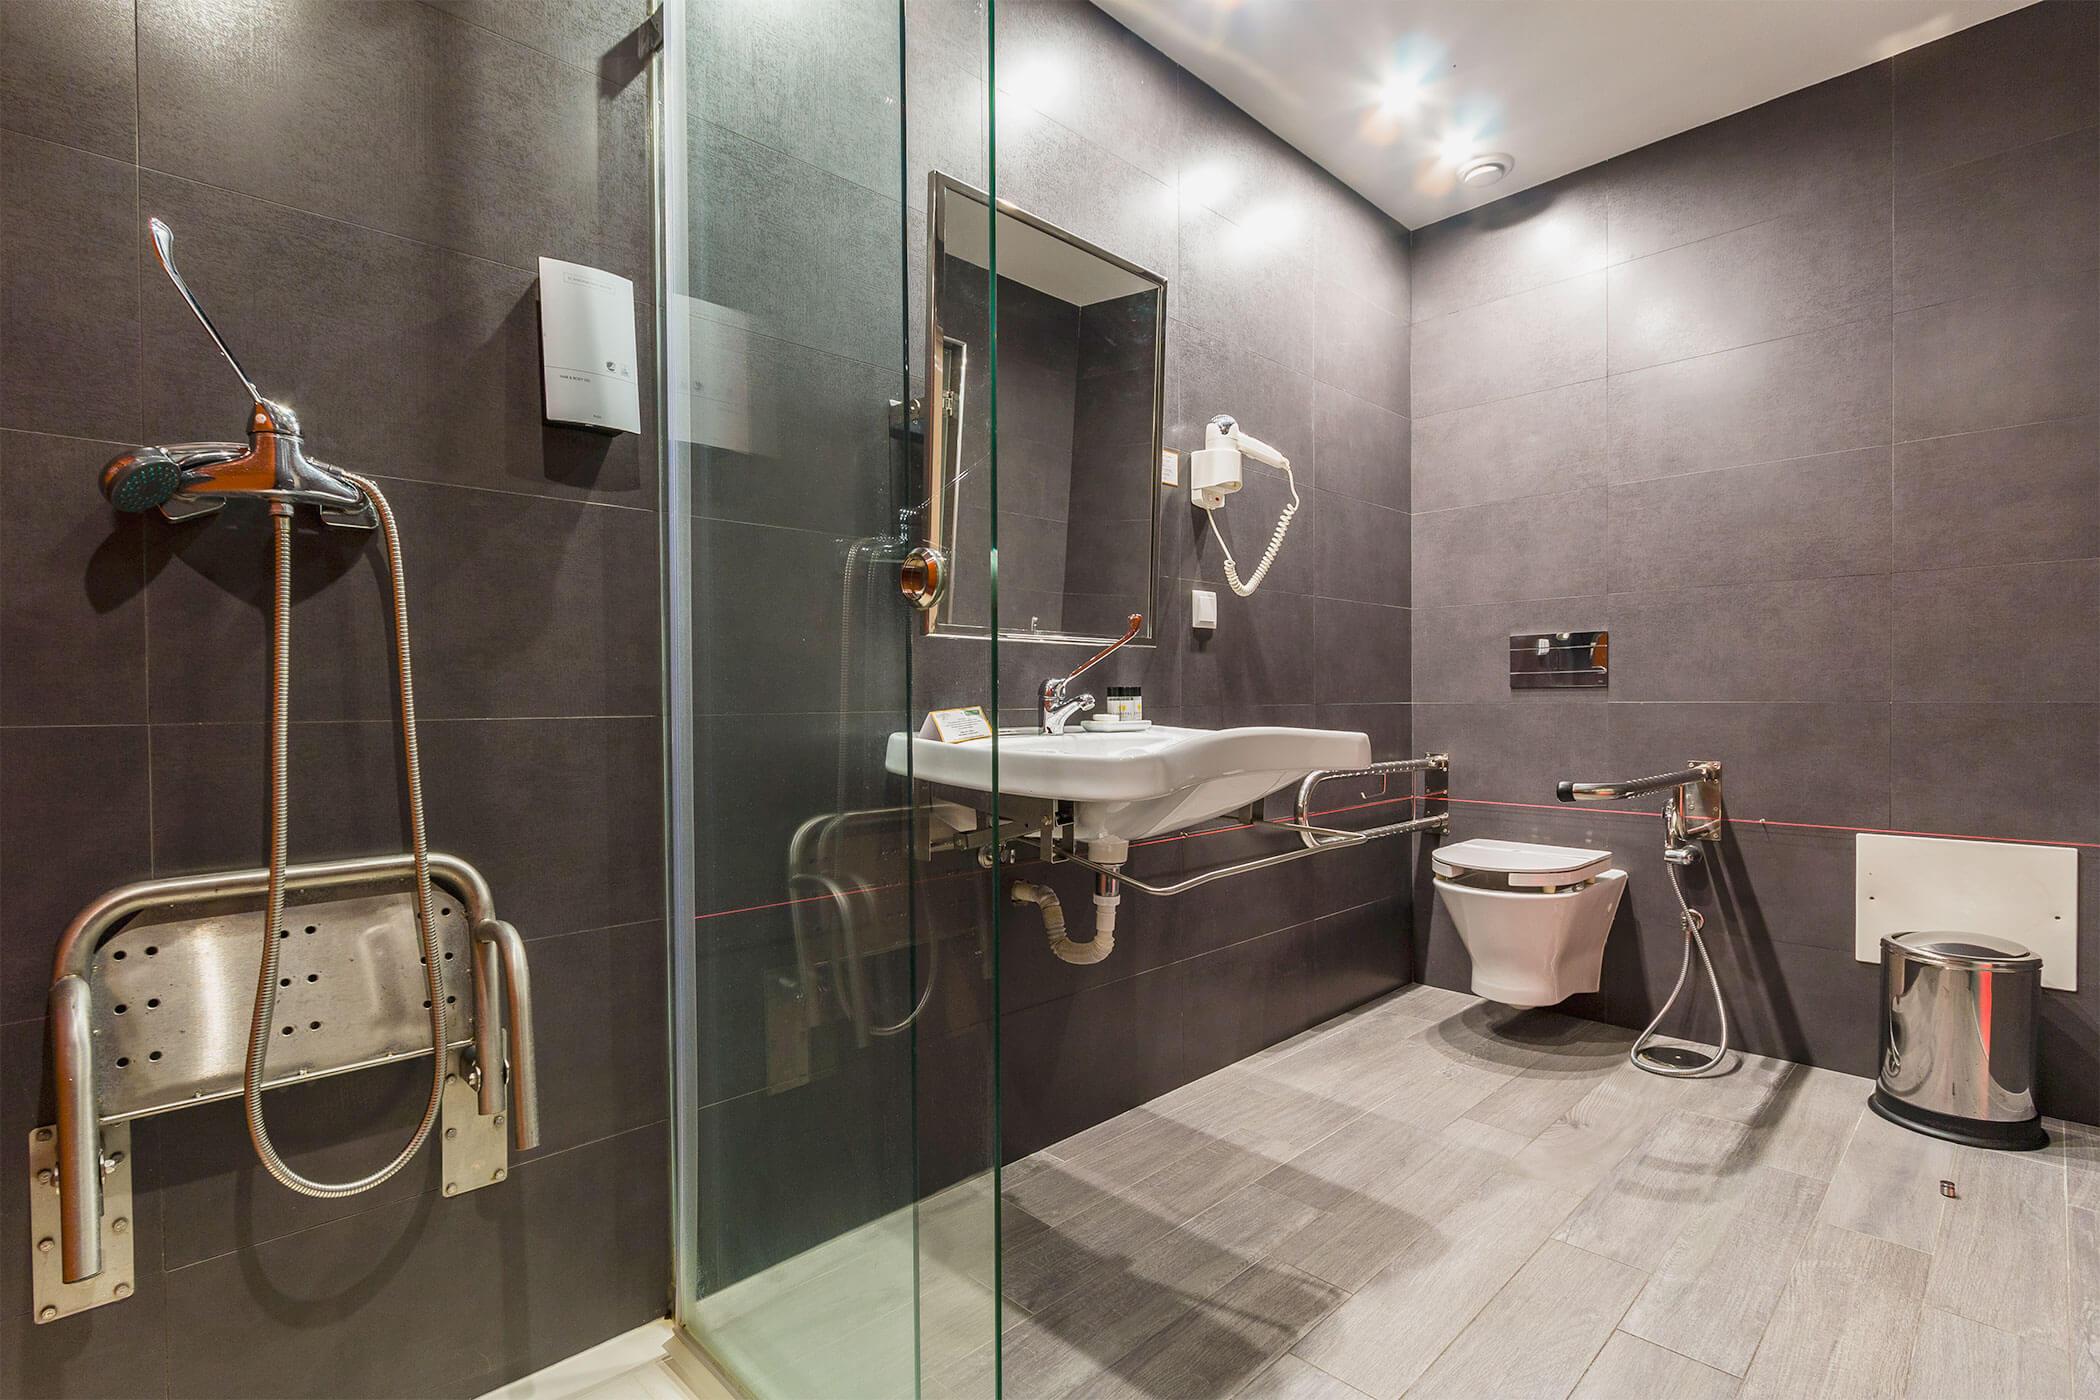 Quarto de mobilidade condicionada Amor e Cegovim - Lisotel Hotel e Spa, Leiria